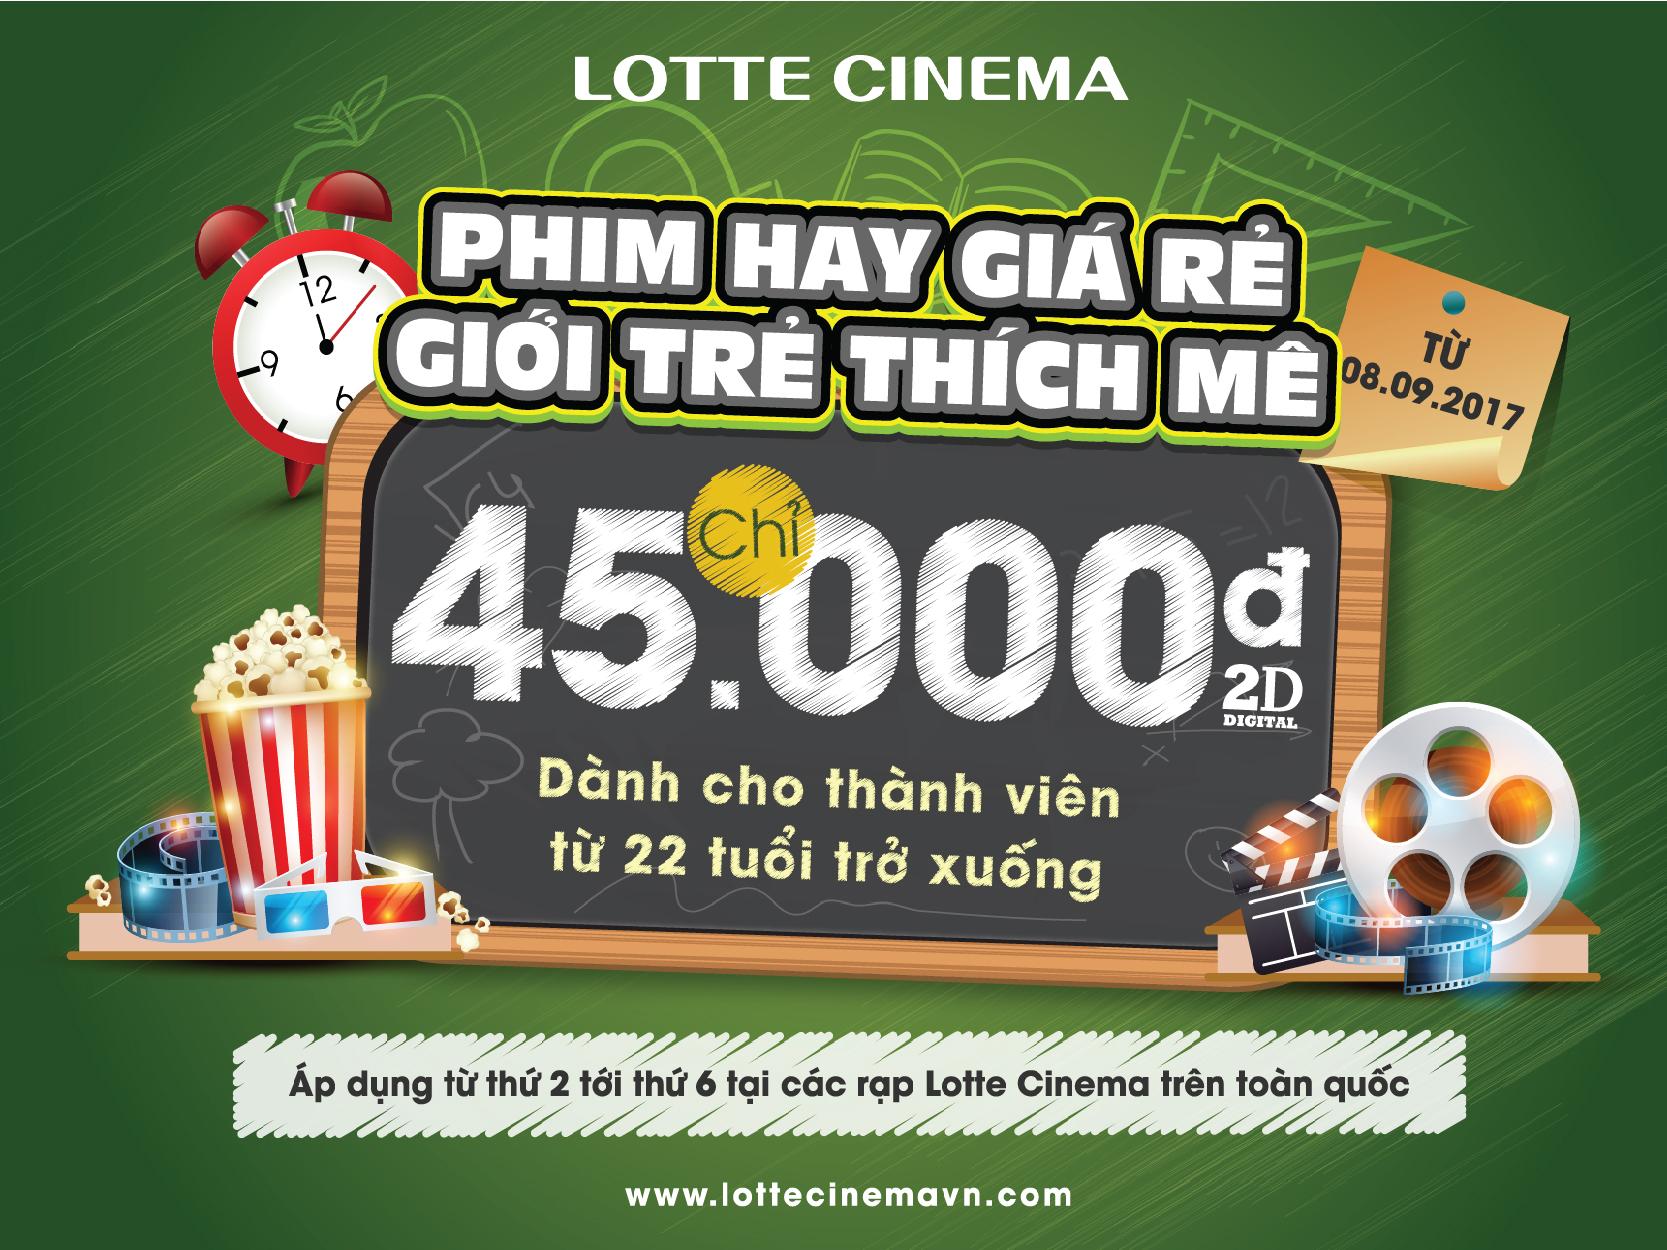 LOTTE Cinema